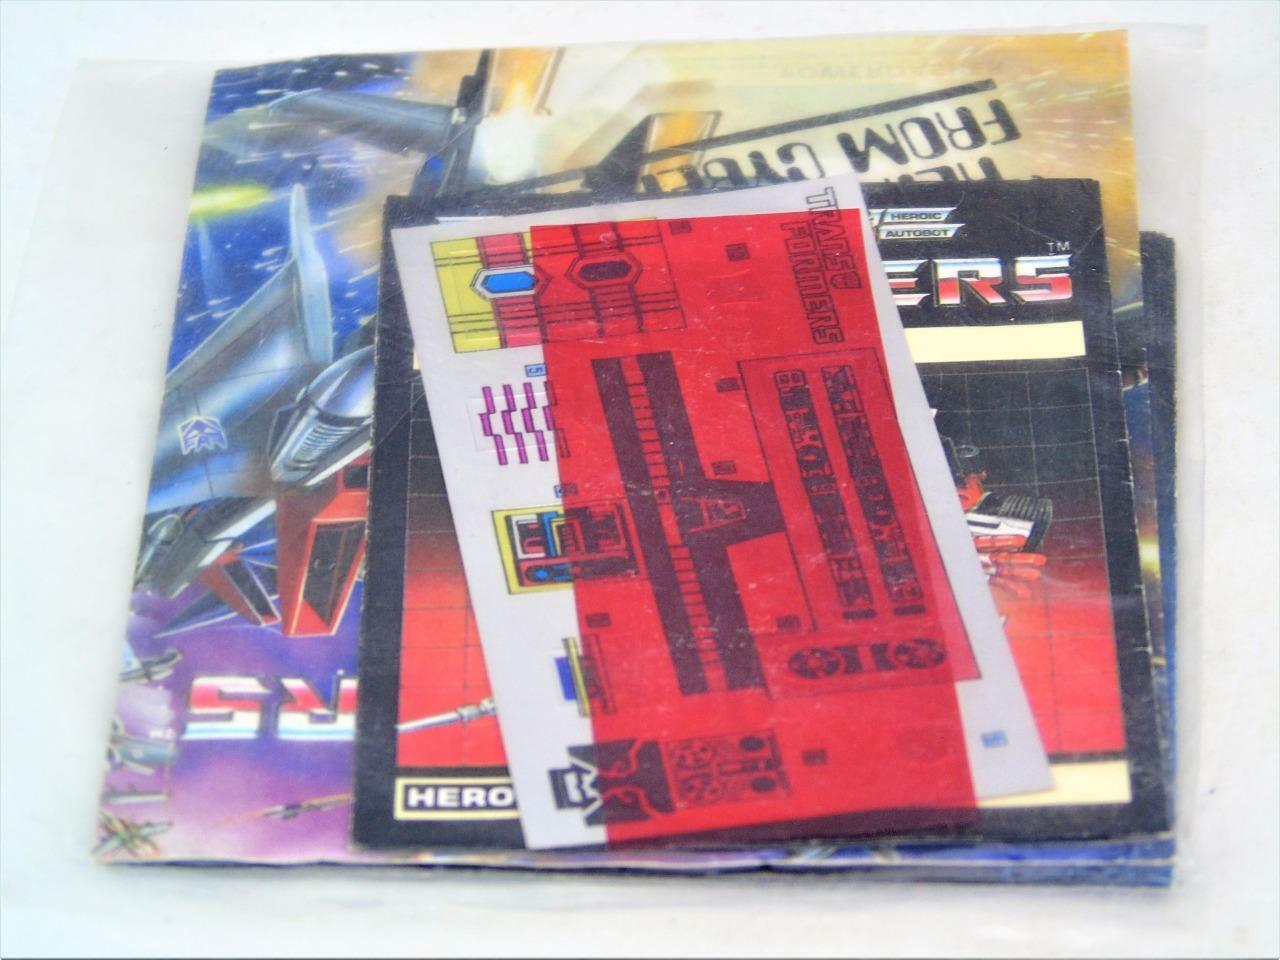 Transformers Original G1 1984 Paquete De Instrucciones Pegatina Sellado de trinquete